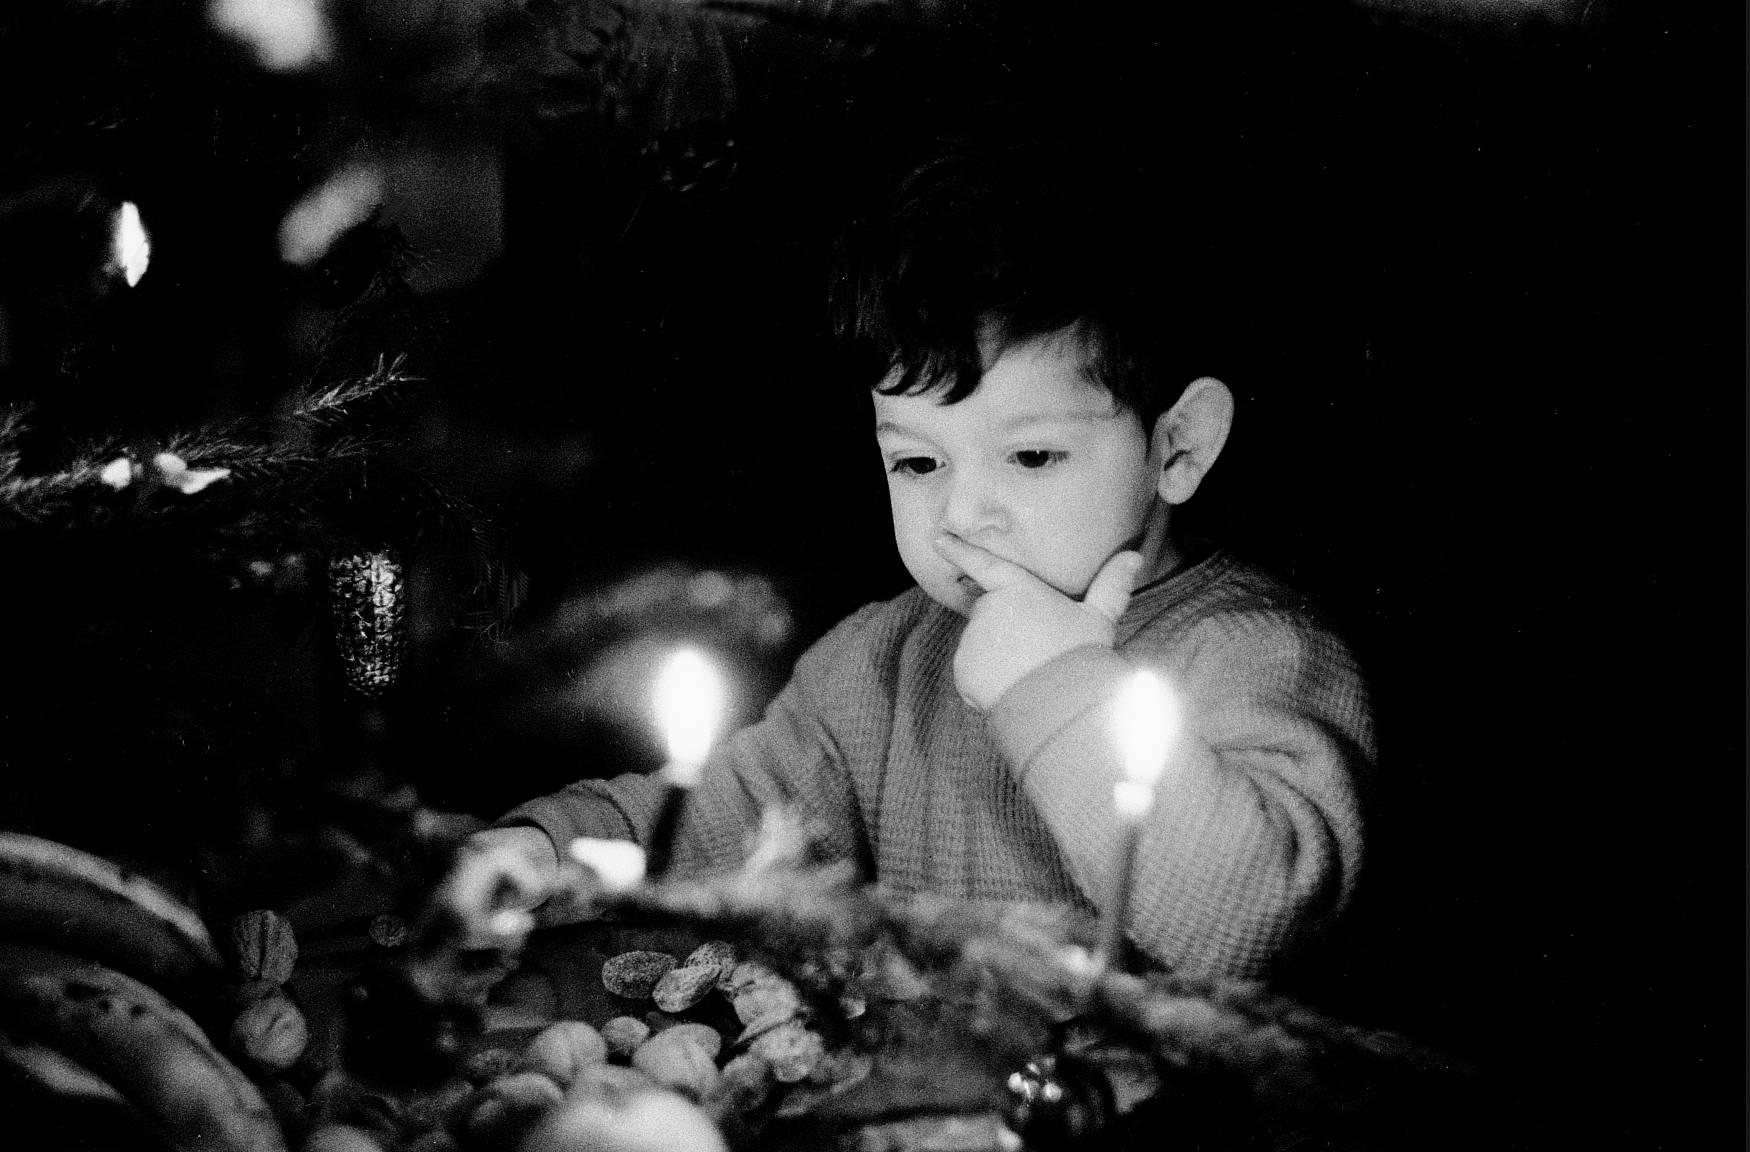 Fotó: Frank Horvat: 1958, Paris, France, Lorenzo at Christmas © Frank Horvat